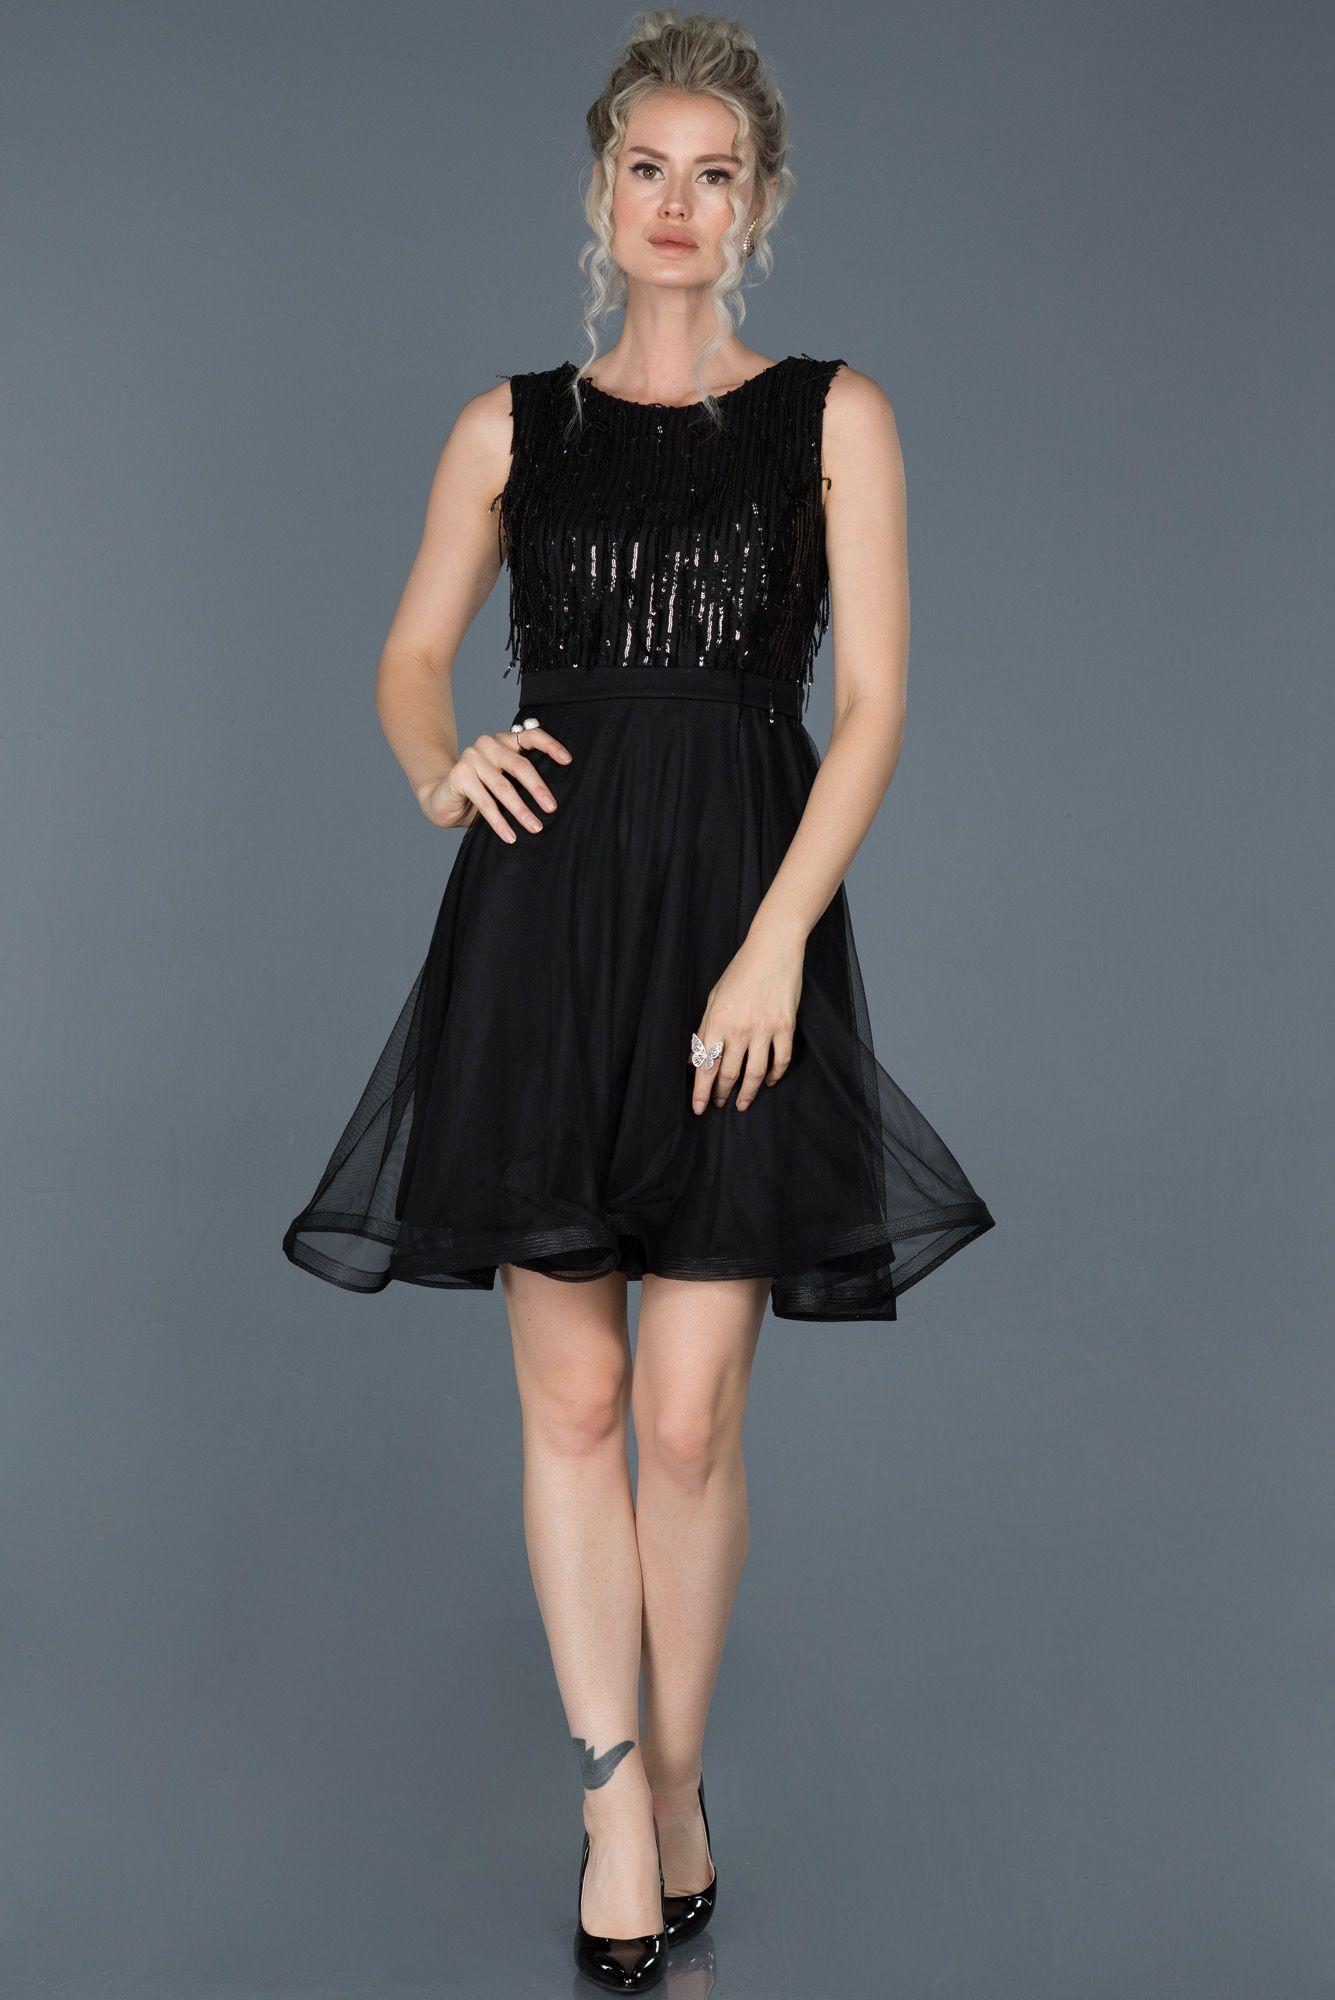 Siyah Kisa Payetli Tul Etekli Davet Elbisesi Abk601 2020 Aksamustu Giysileri The Dress Elbise Modelleri